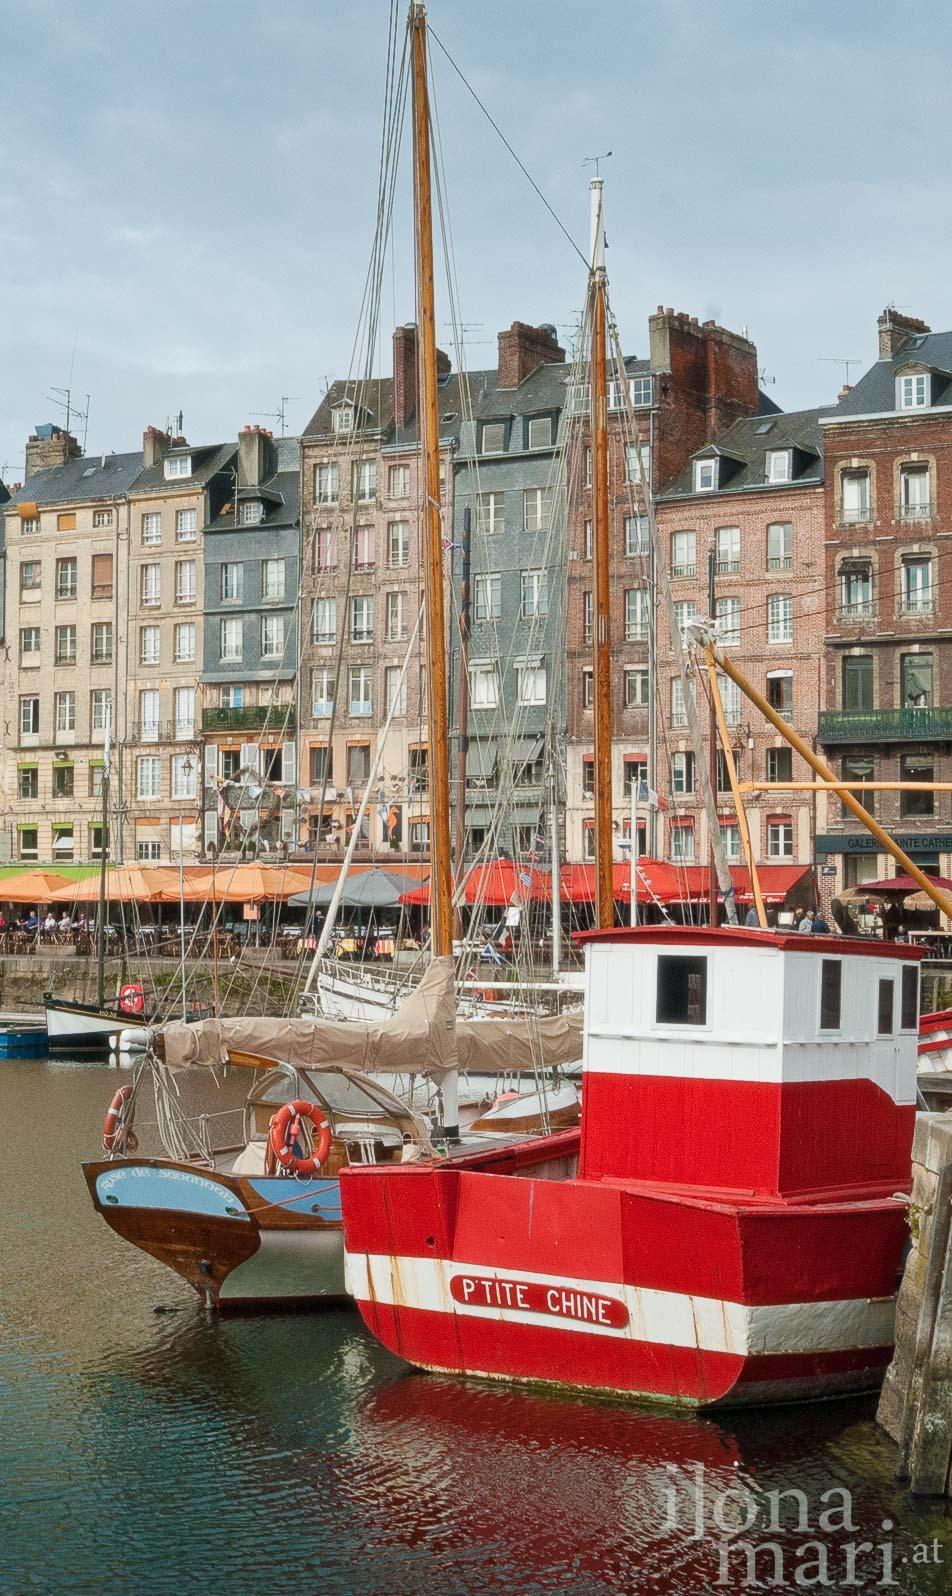 historisches Schiff im alten Hafenbecken von Honfleur (Normandie)